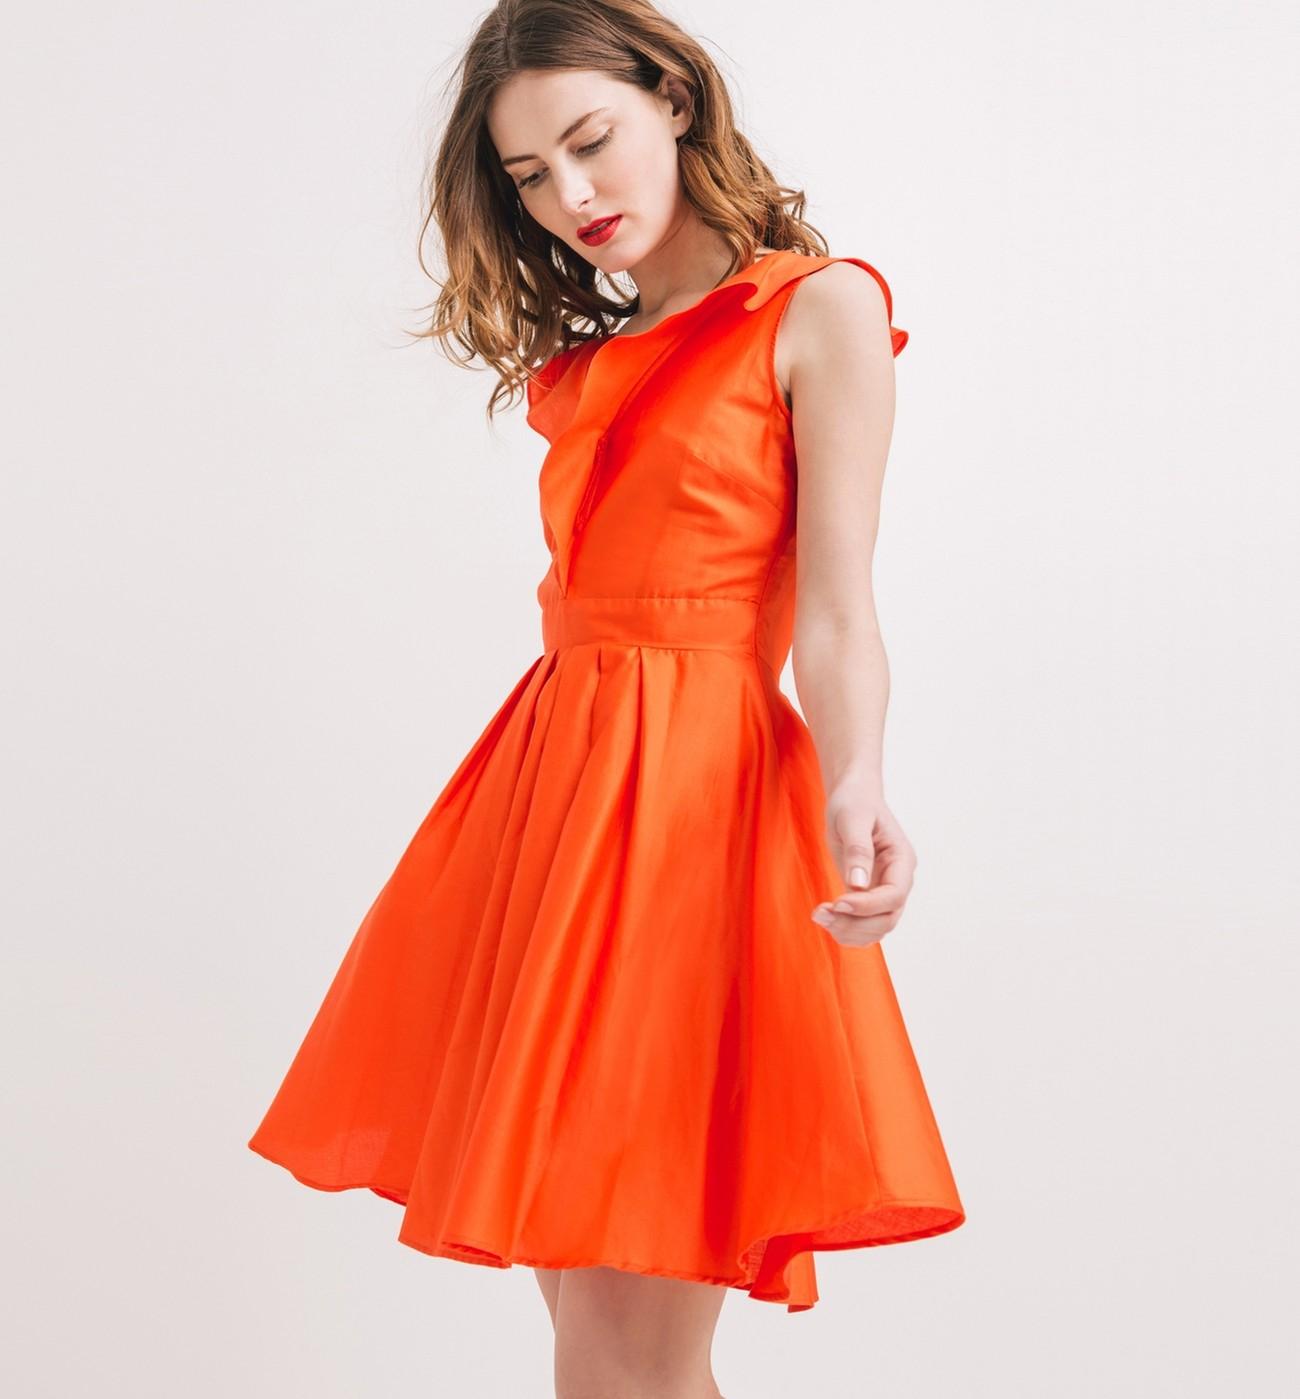 Promod sukienka 35,50 zamiast 119,90 + inne